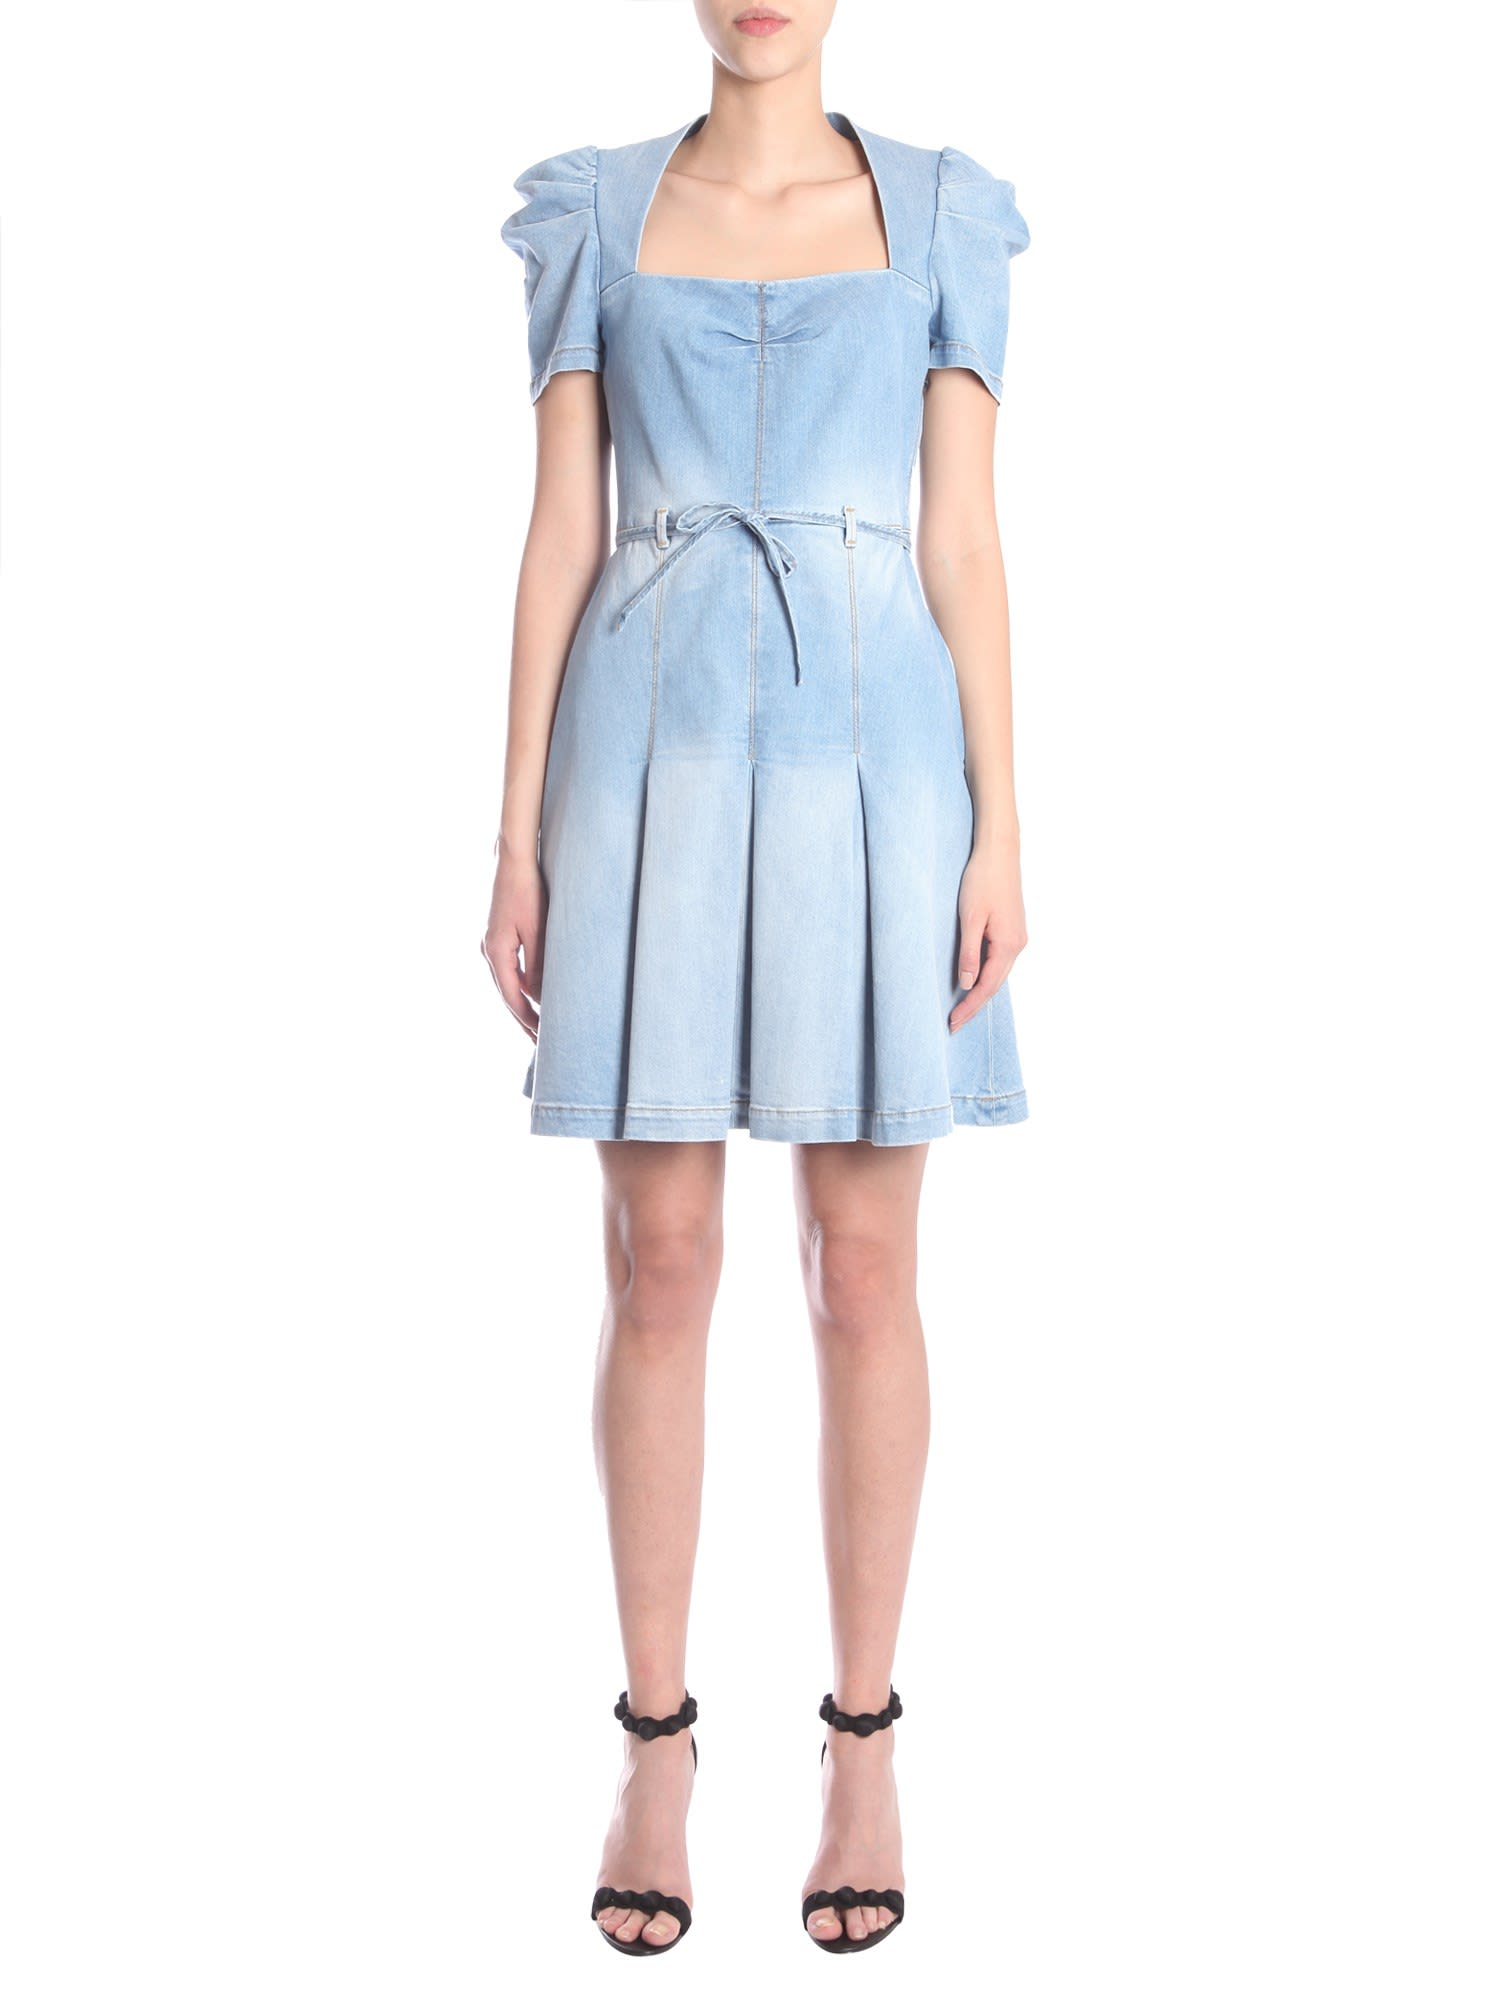 Boutique Moschino Denim Dress